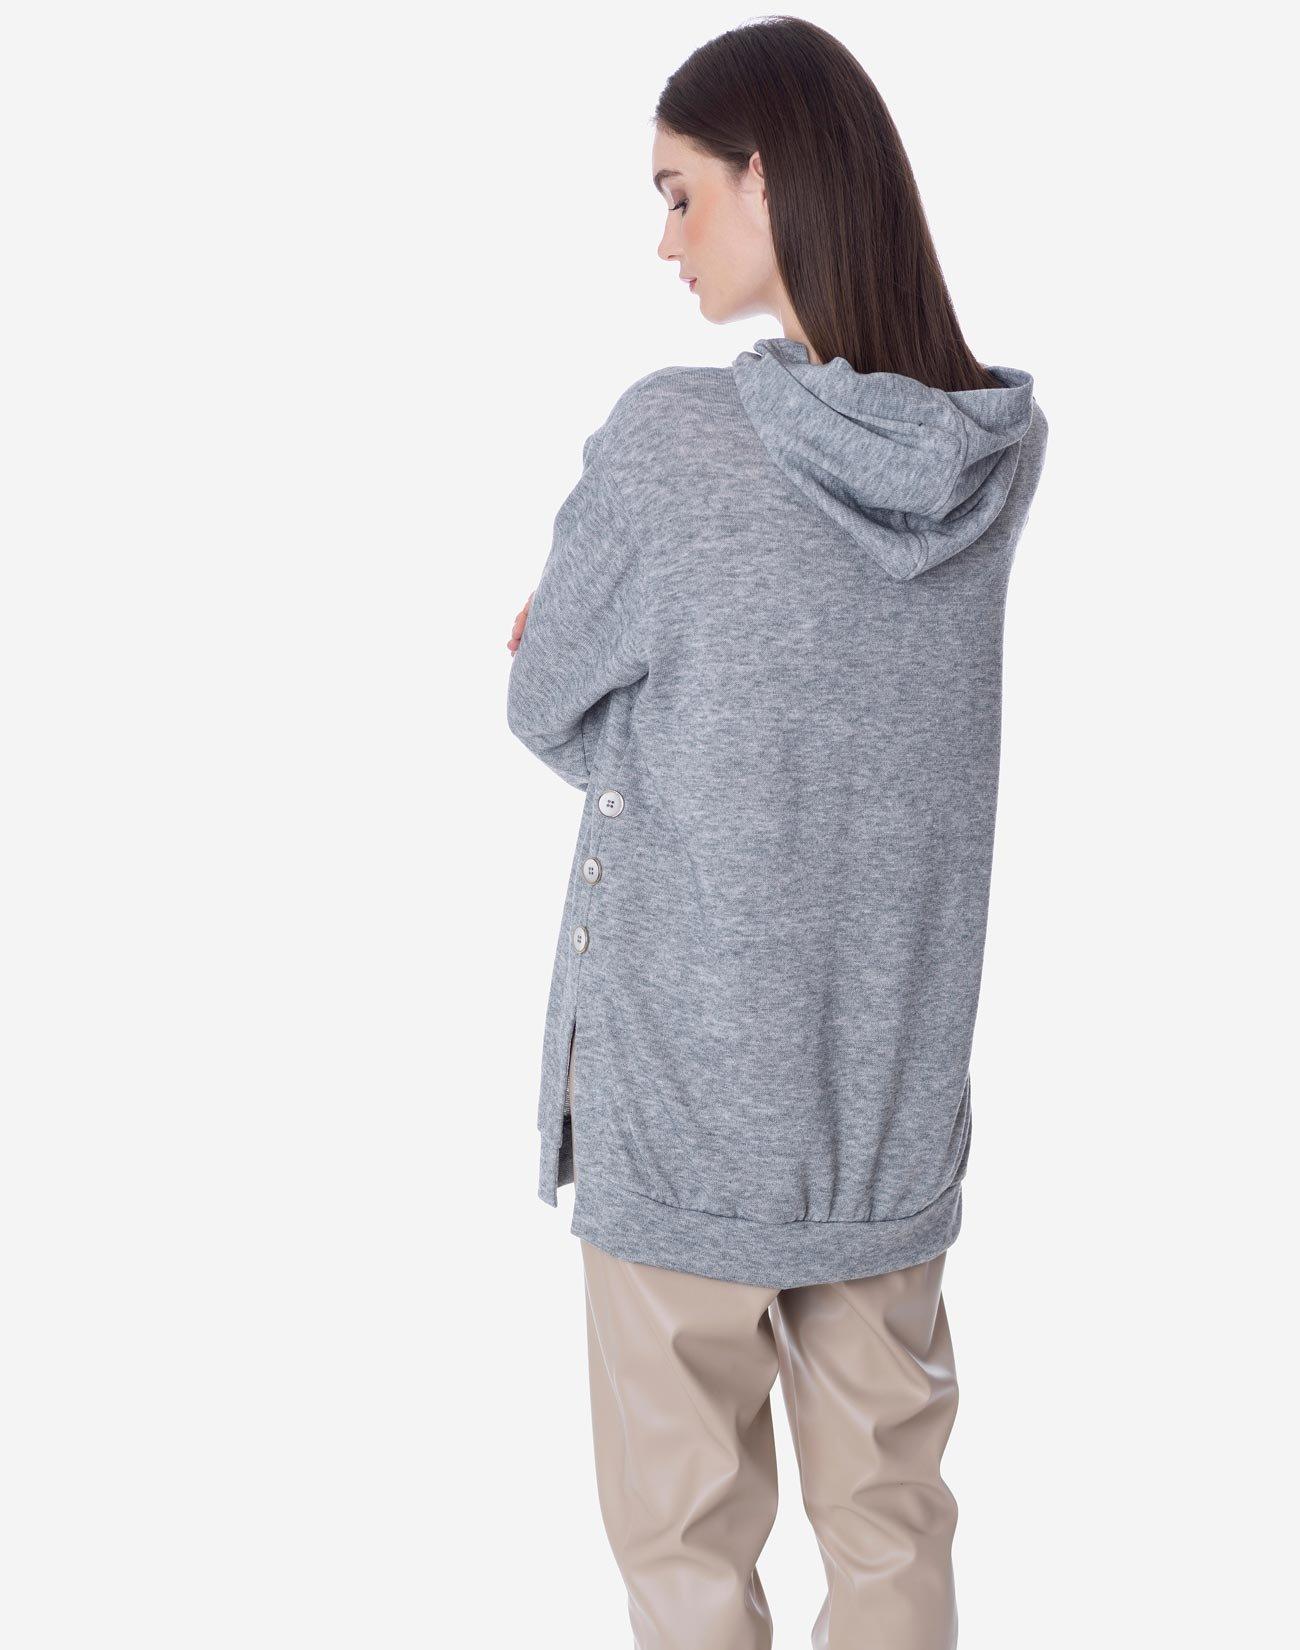 Μπλούζα με κουκούλα